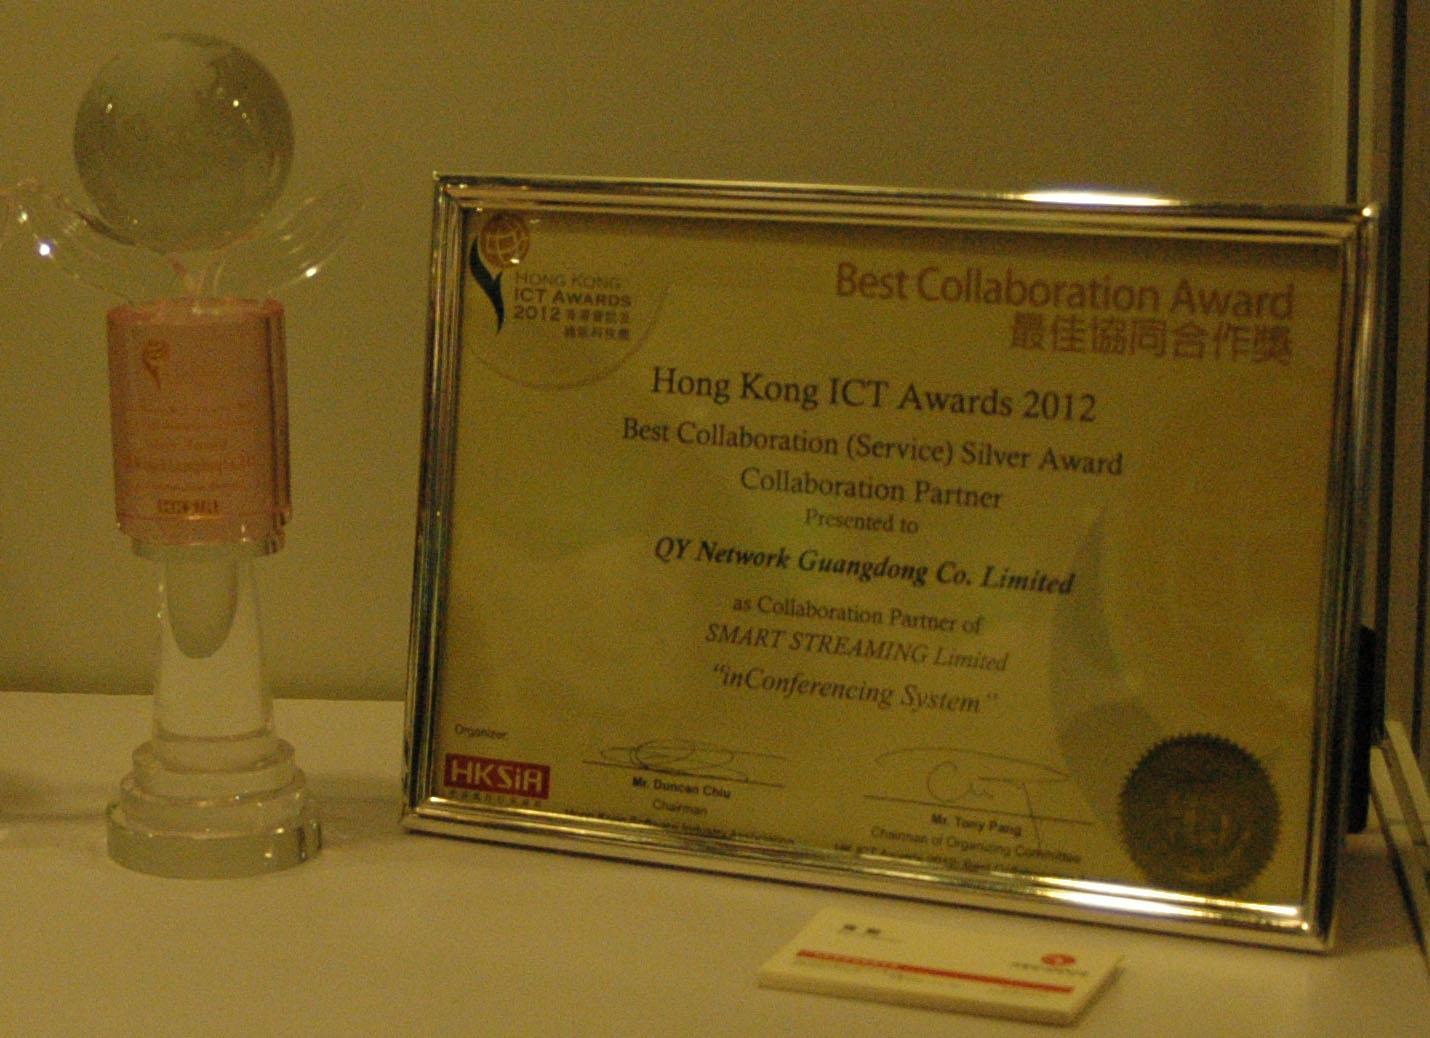 群英CC会议系统获2012年香港资讯及通讯科技银奖!并由时任香港财政司司长曾俊华先生颁发此一殊荣!